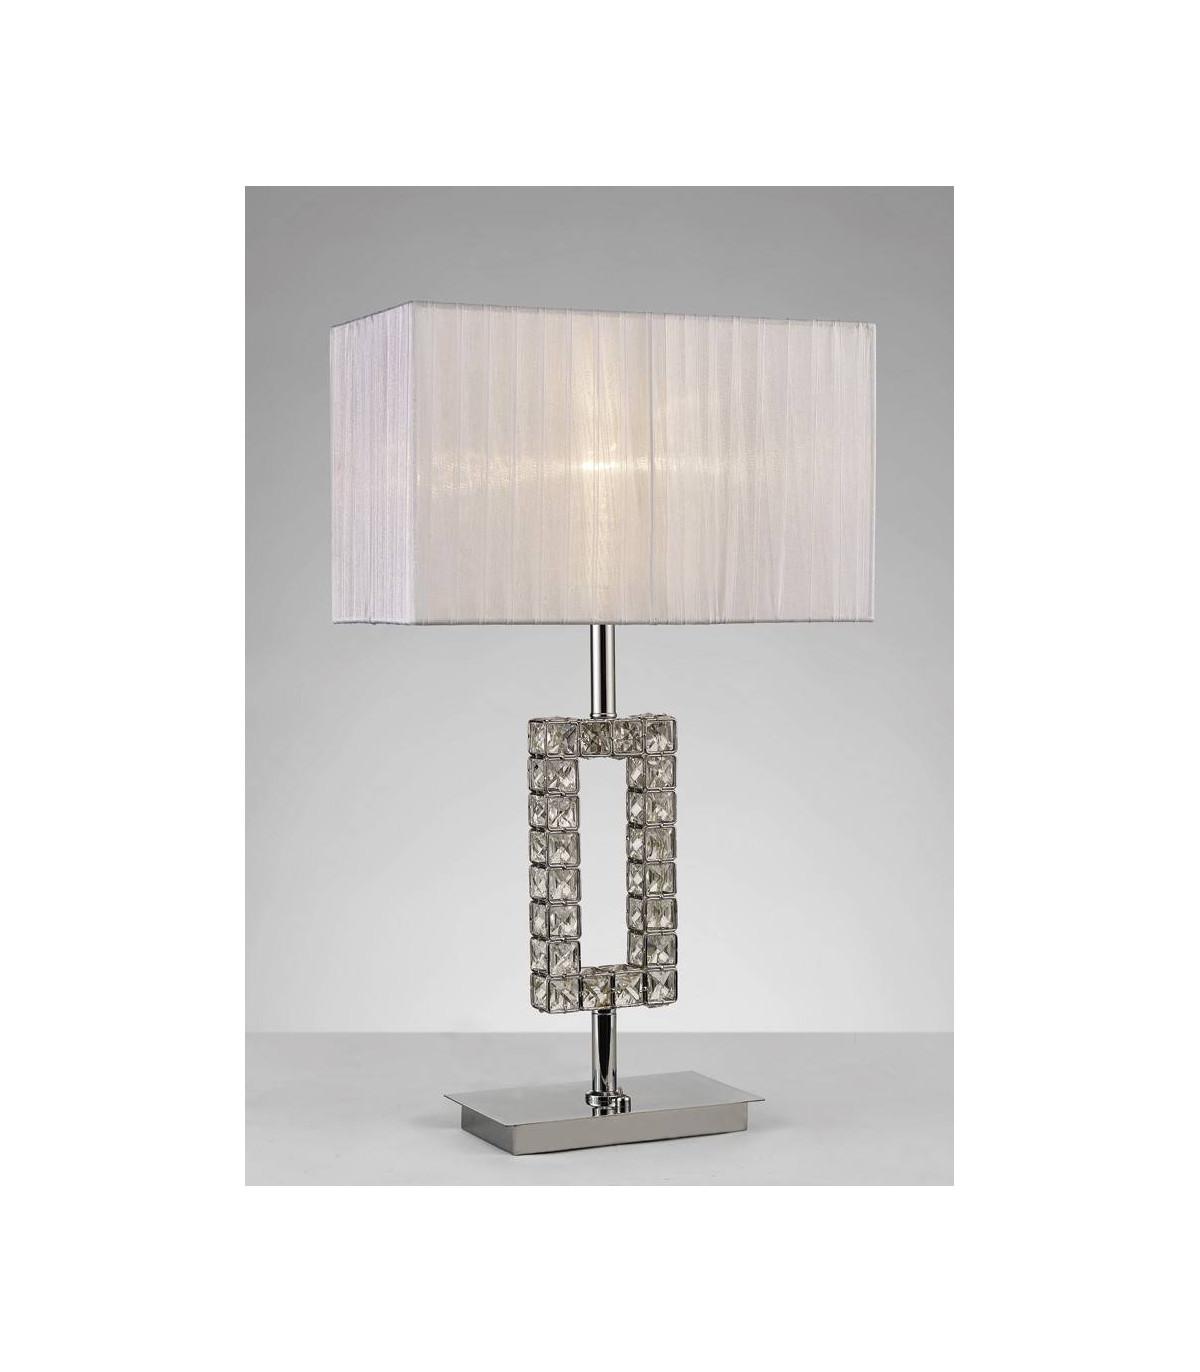 lampe de table florence rectangle avec abat jour blanc 1 ampoule chrome poli cristal